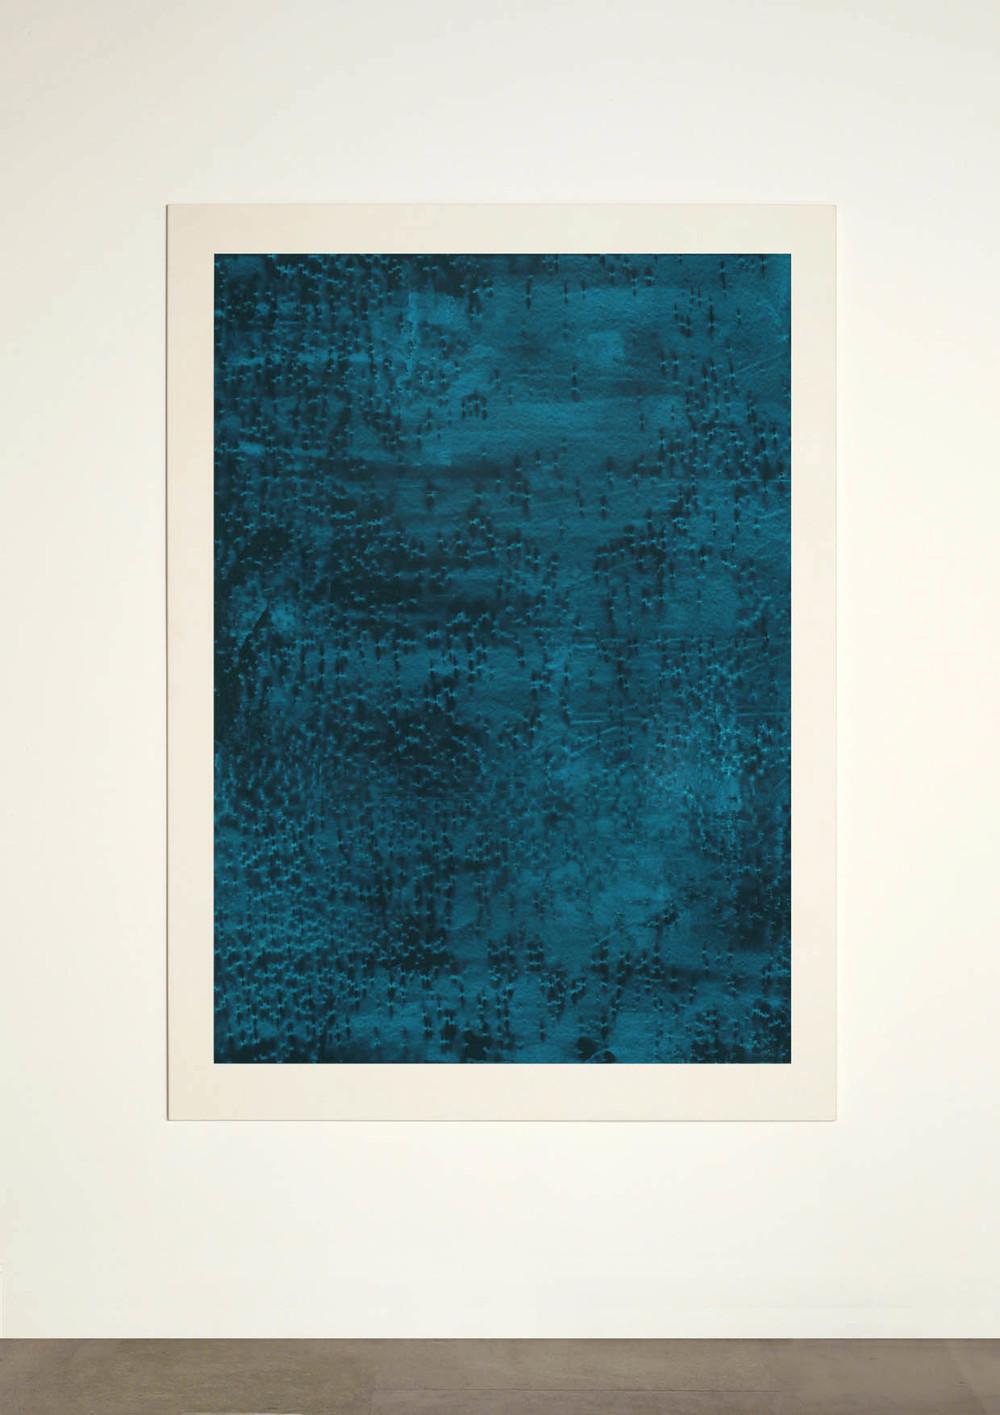 CONTINUOUS NOW – turquoise (IV) 2012  pigment dispersal on 100% cotton fibre  147 x 108 cm